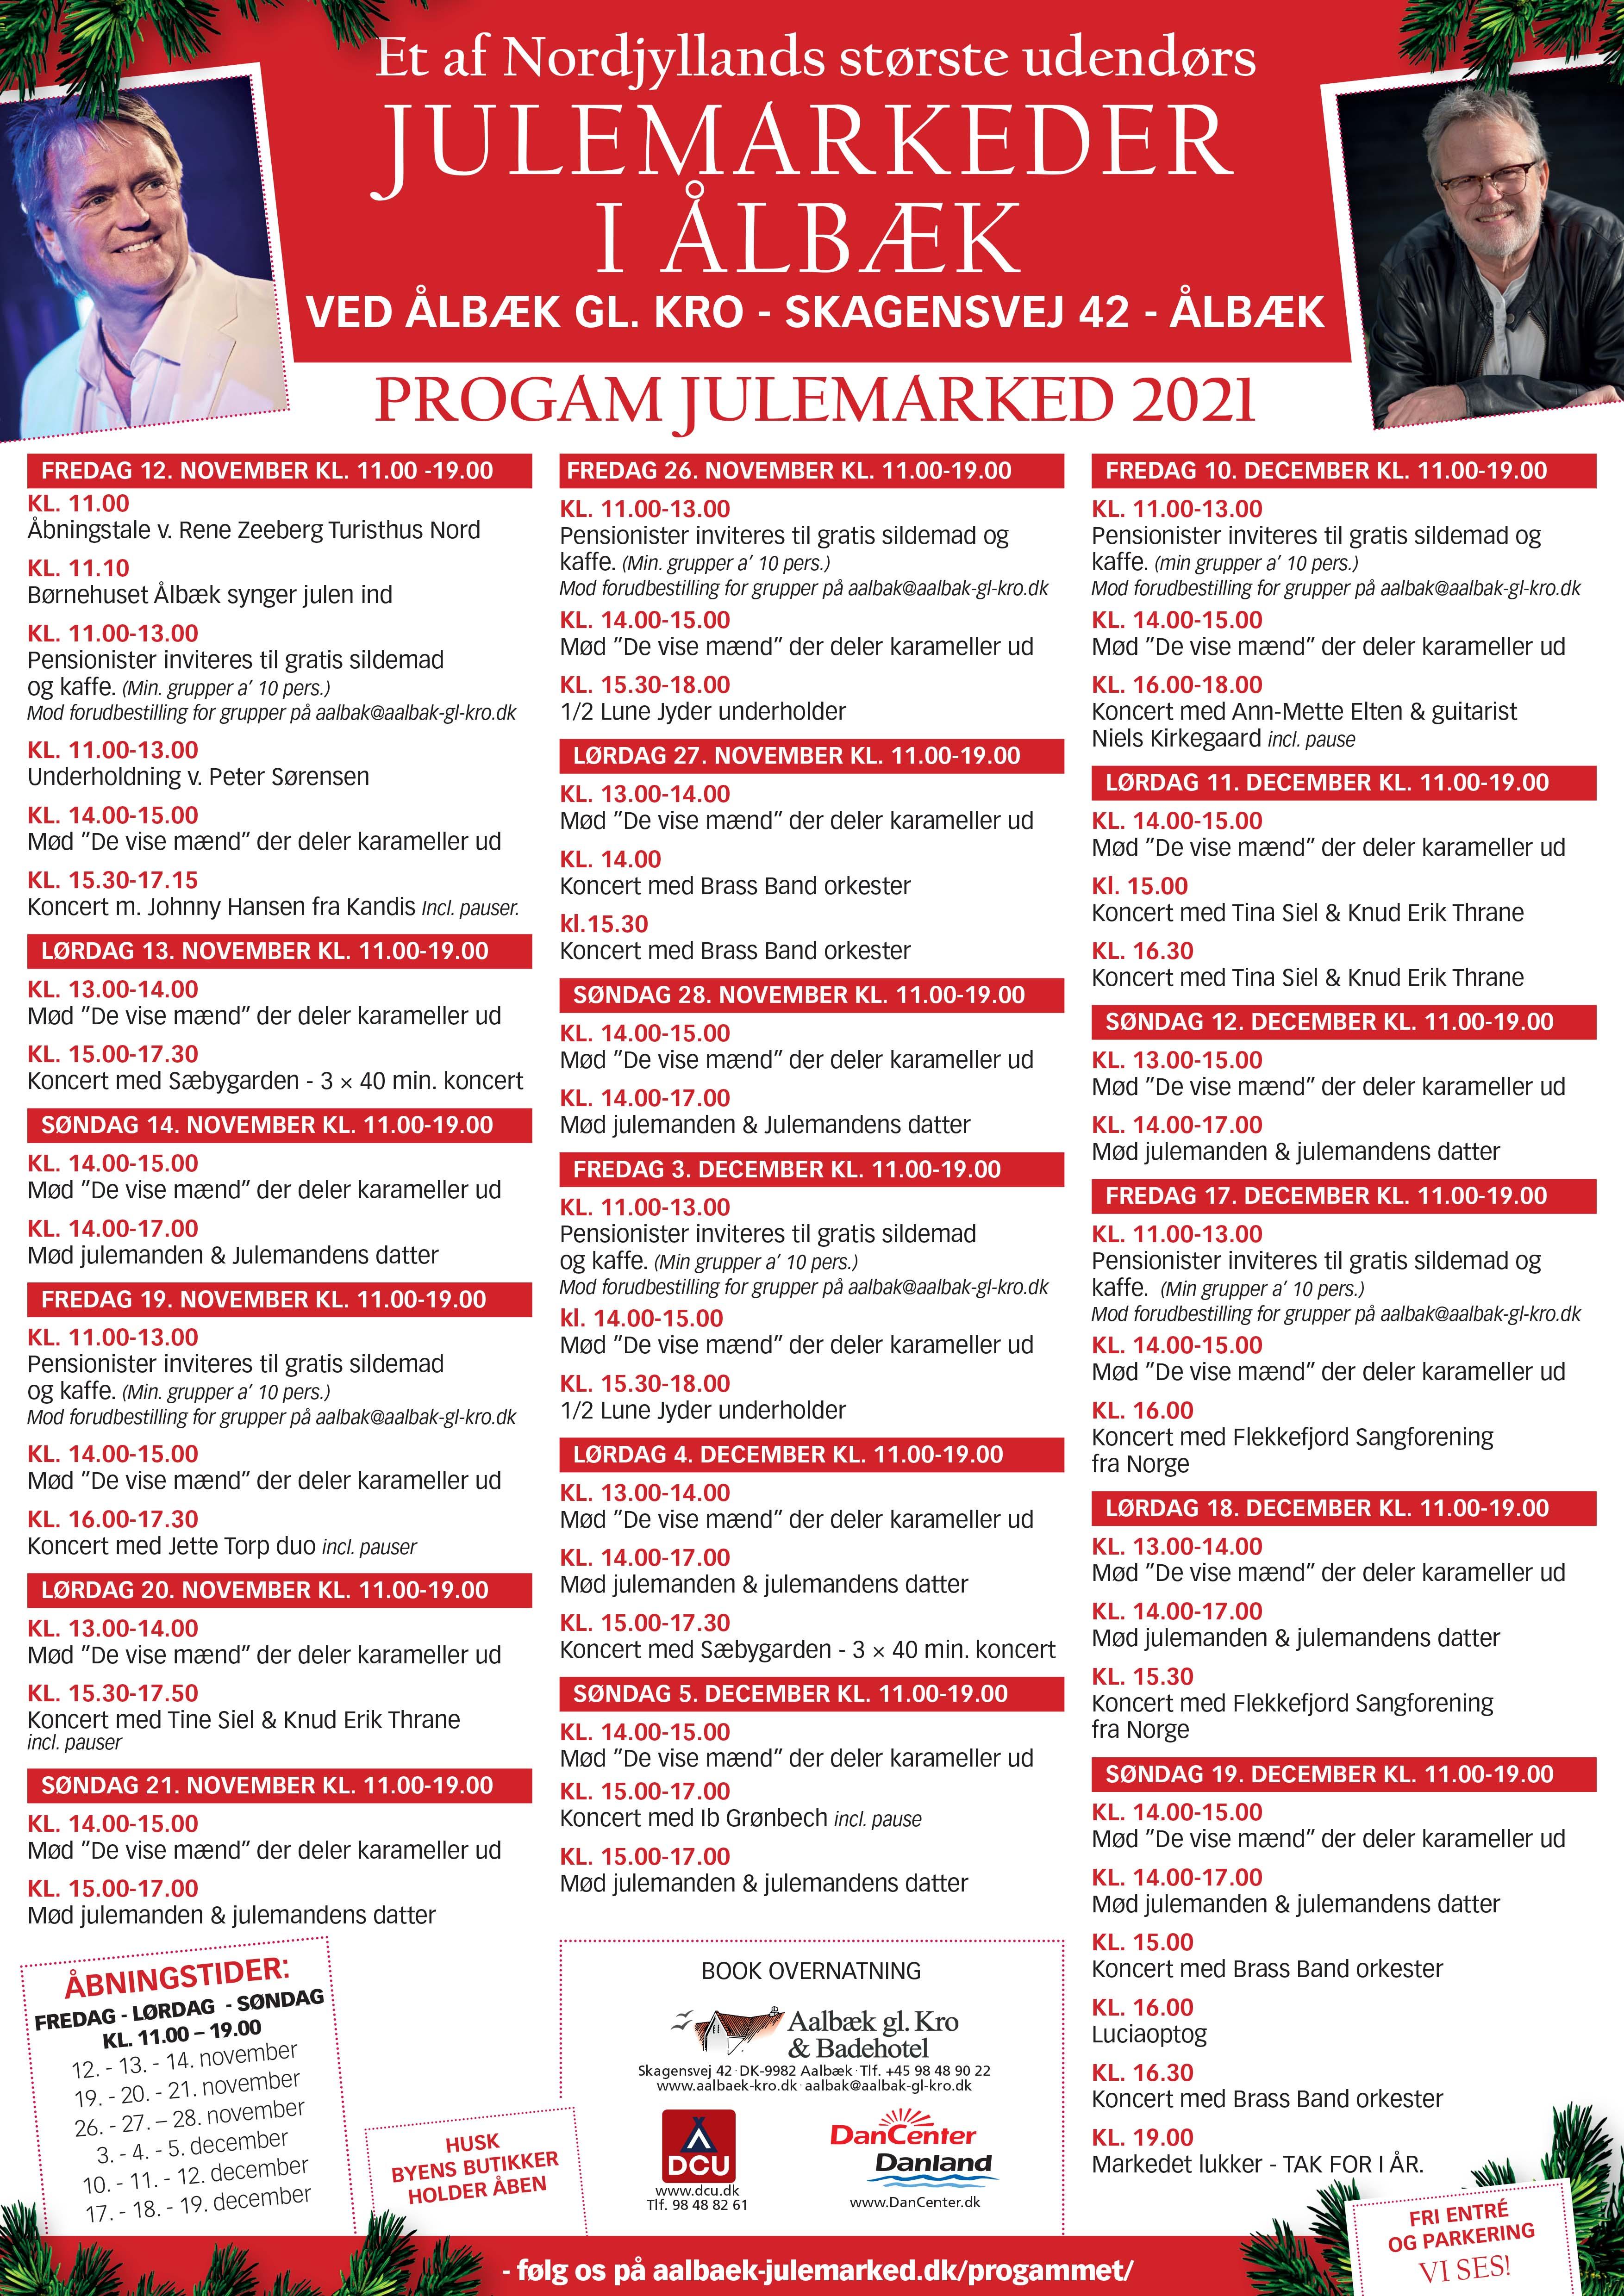 Ålbæk Julemarked 2021 - Program for Smagen Af Jul